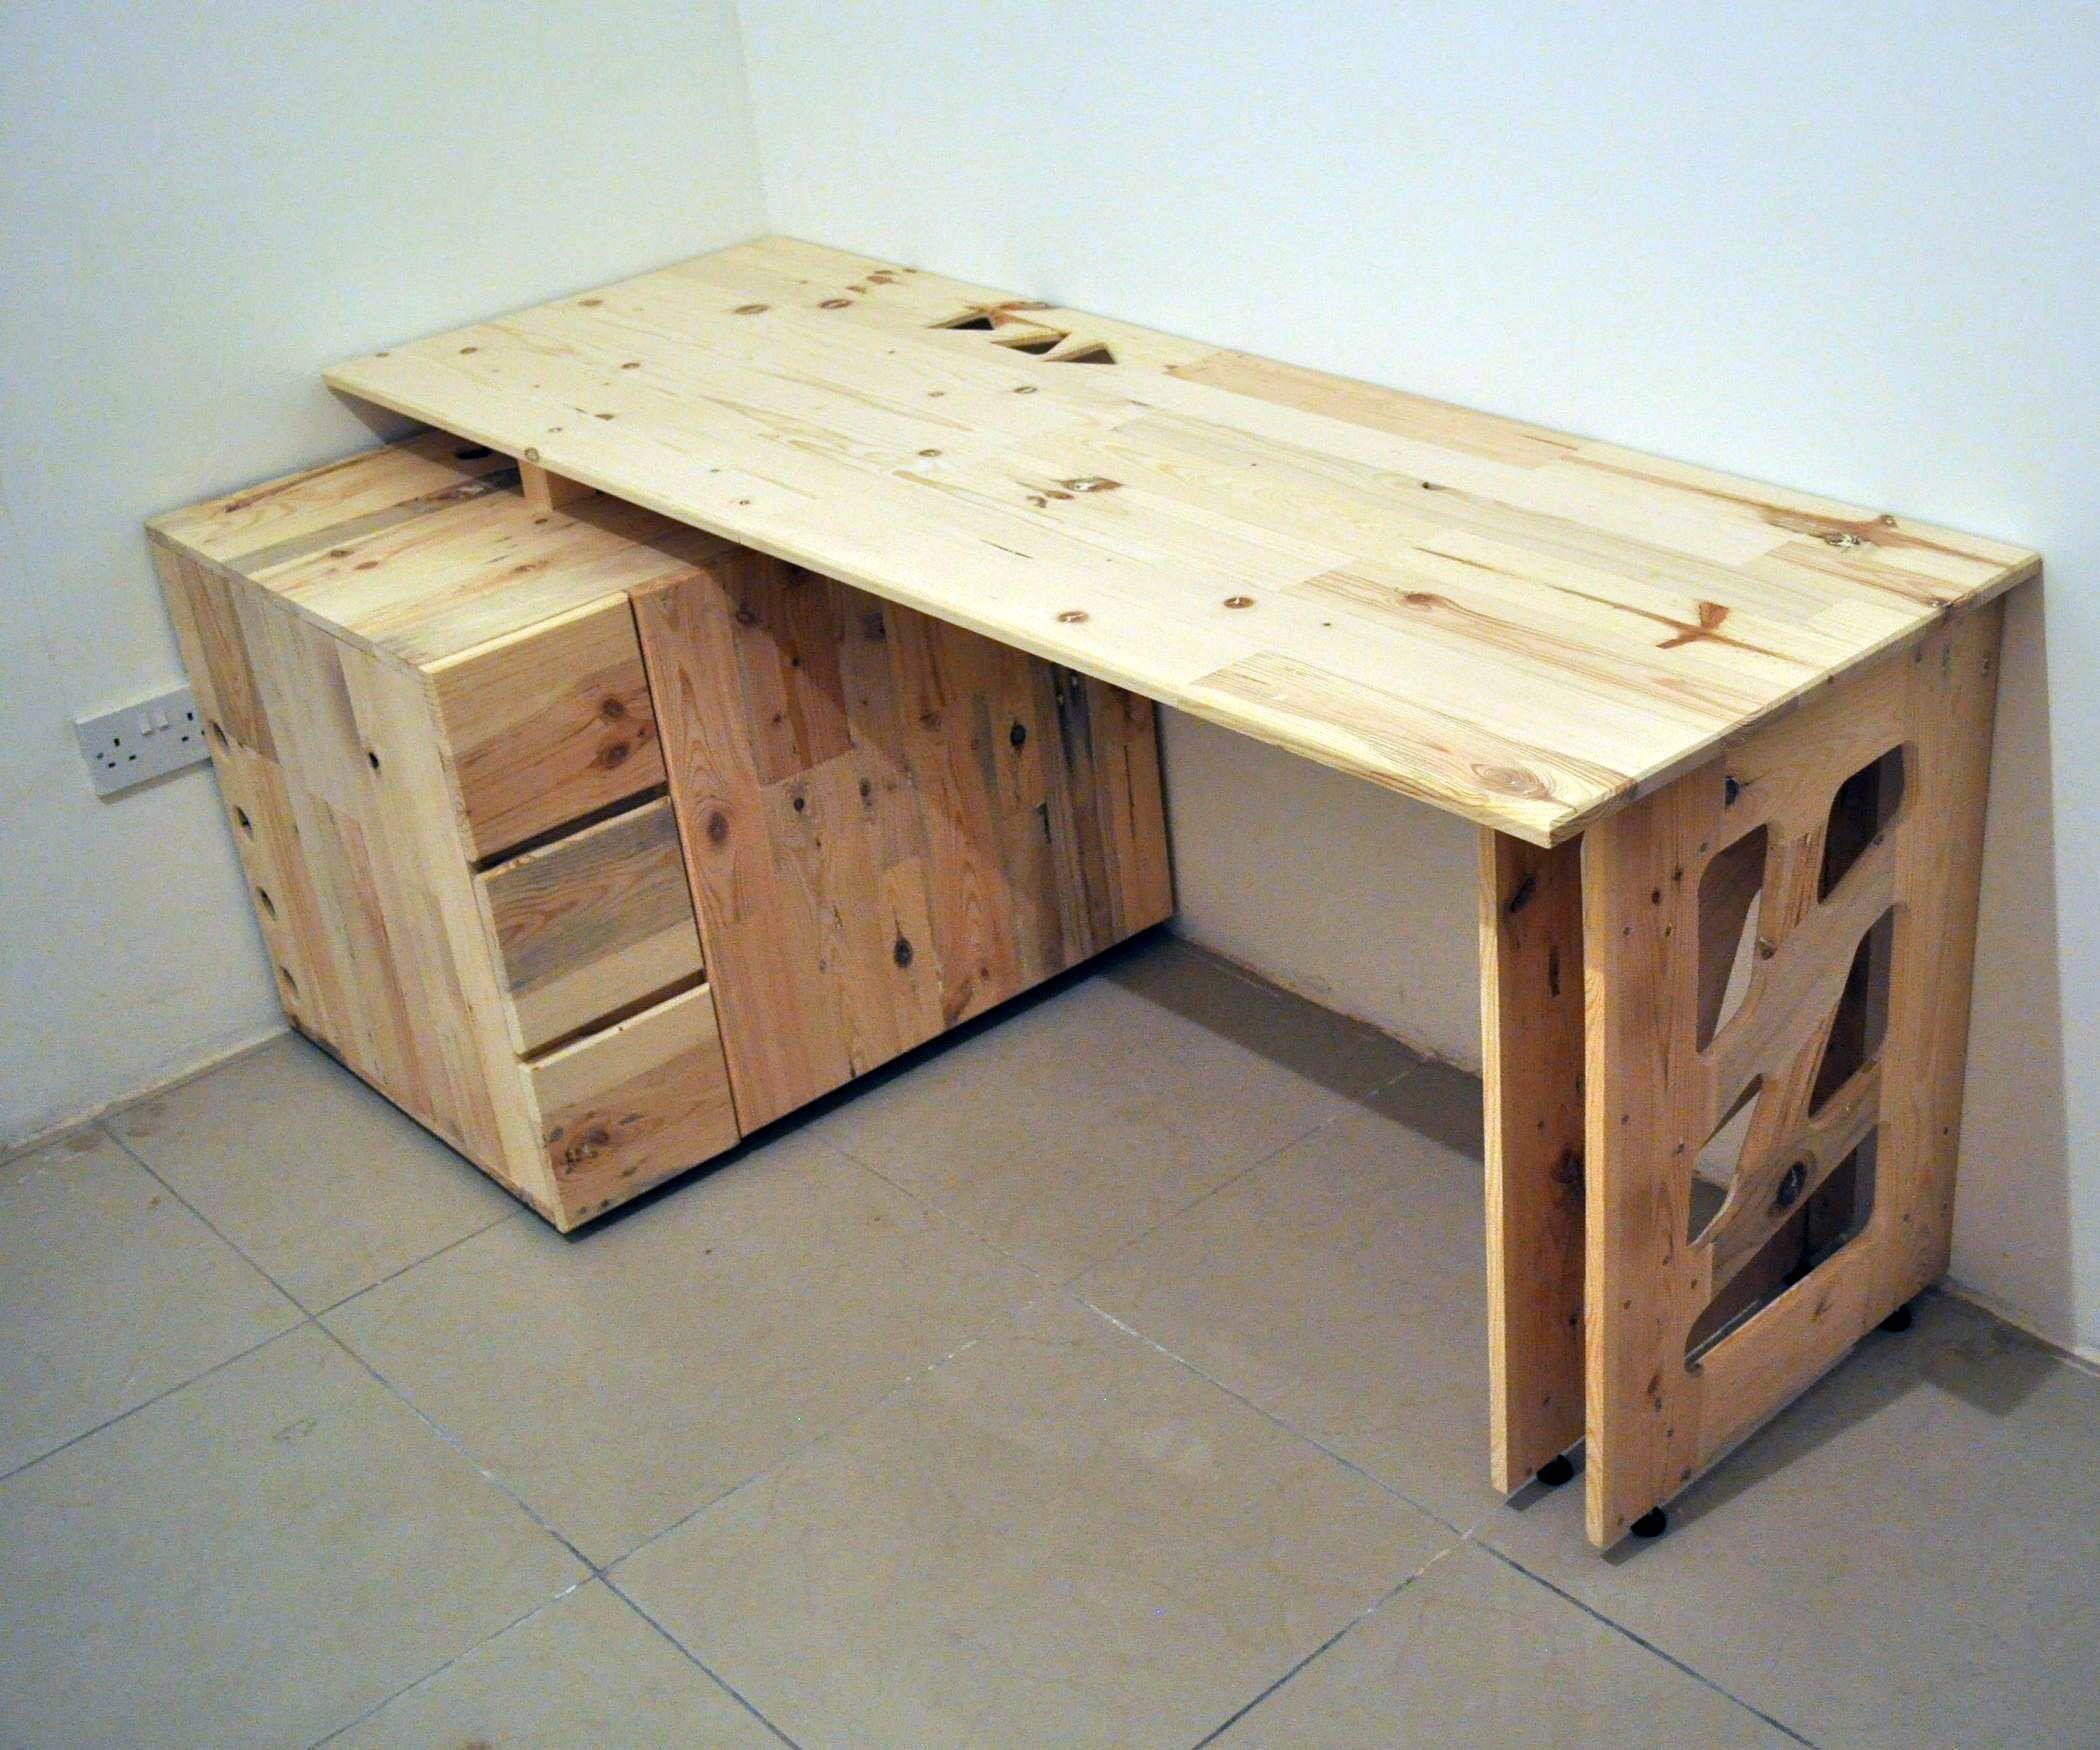 Super Creative Floating Desk For Pool Just On Homesable Home Design Floating Desk Desk Sleek Kitchen